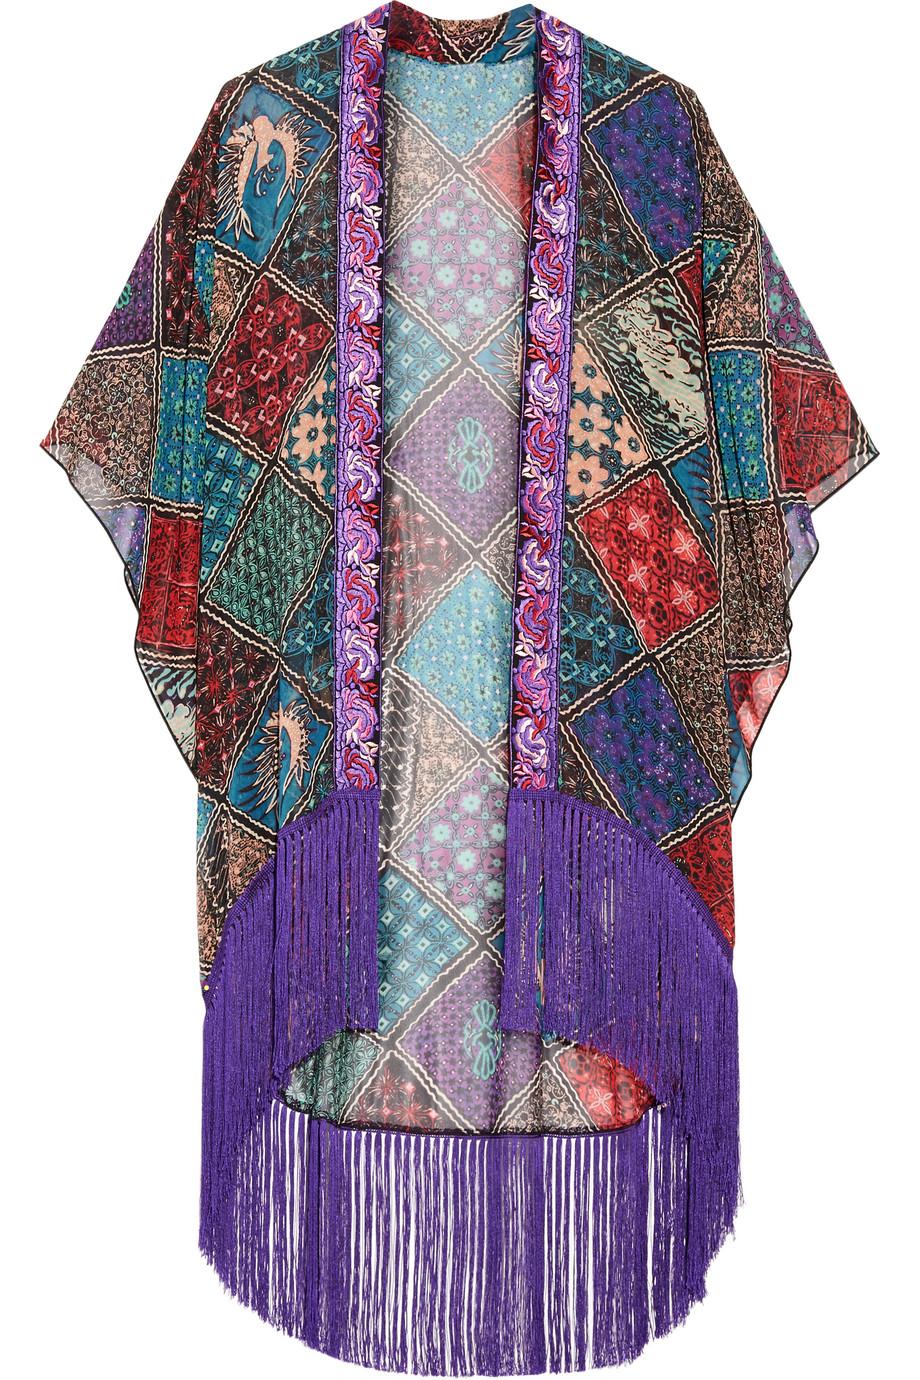 Anna Sui Bird of Paradise Fringed Printed Silk-Chiffon Kimono, Purple, Women's, Size: XS/S